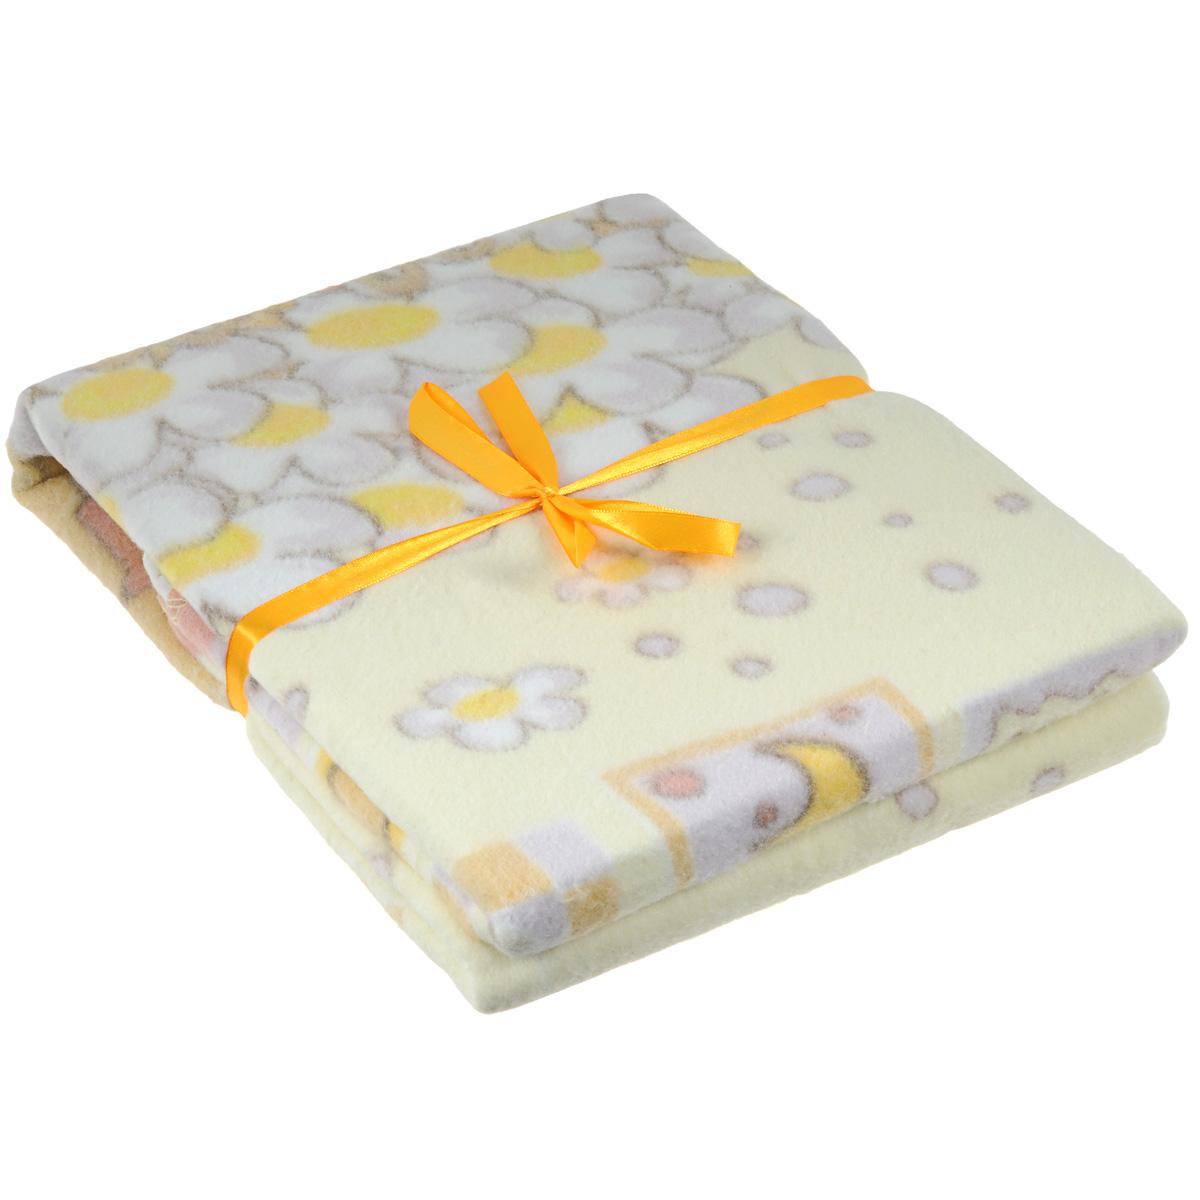 Одеяло детское Baby Nice Паровозик, байковое, цвет: бежевый, 85 см x 115 смD111511Детское байковое одеяло Baby Nice Паровозик изготовлено из натурального 100% хлопка и оформлено ярким рисунком. Такое одеяло будет бережно хранить безмятежный сон вашего ребенка. Ребенок, спящий под байковым одеялом, словно укрытый нежным мягким облаком, находится в тепле, и не потеет при этом. Дышащая способность натурального хлопка позволяет добиться такого эффекта. Легкий по ощущениям материал имеет небольшой вес, но вместе с тем, является плотным и хорошо сохраняет тепло. Кроме того, ткань гигроскопична, а значит впитывает избыточную влагу, не становясь при этом влажной на ощупь. Детское одеяло Baby Nice Паровозик - лучший выбор для тех, кто стремится проявить заботу о своем ребенке. Материал: 100% хлопок. Размер: 85 см х 115 см.